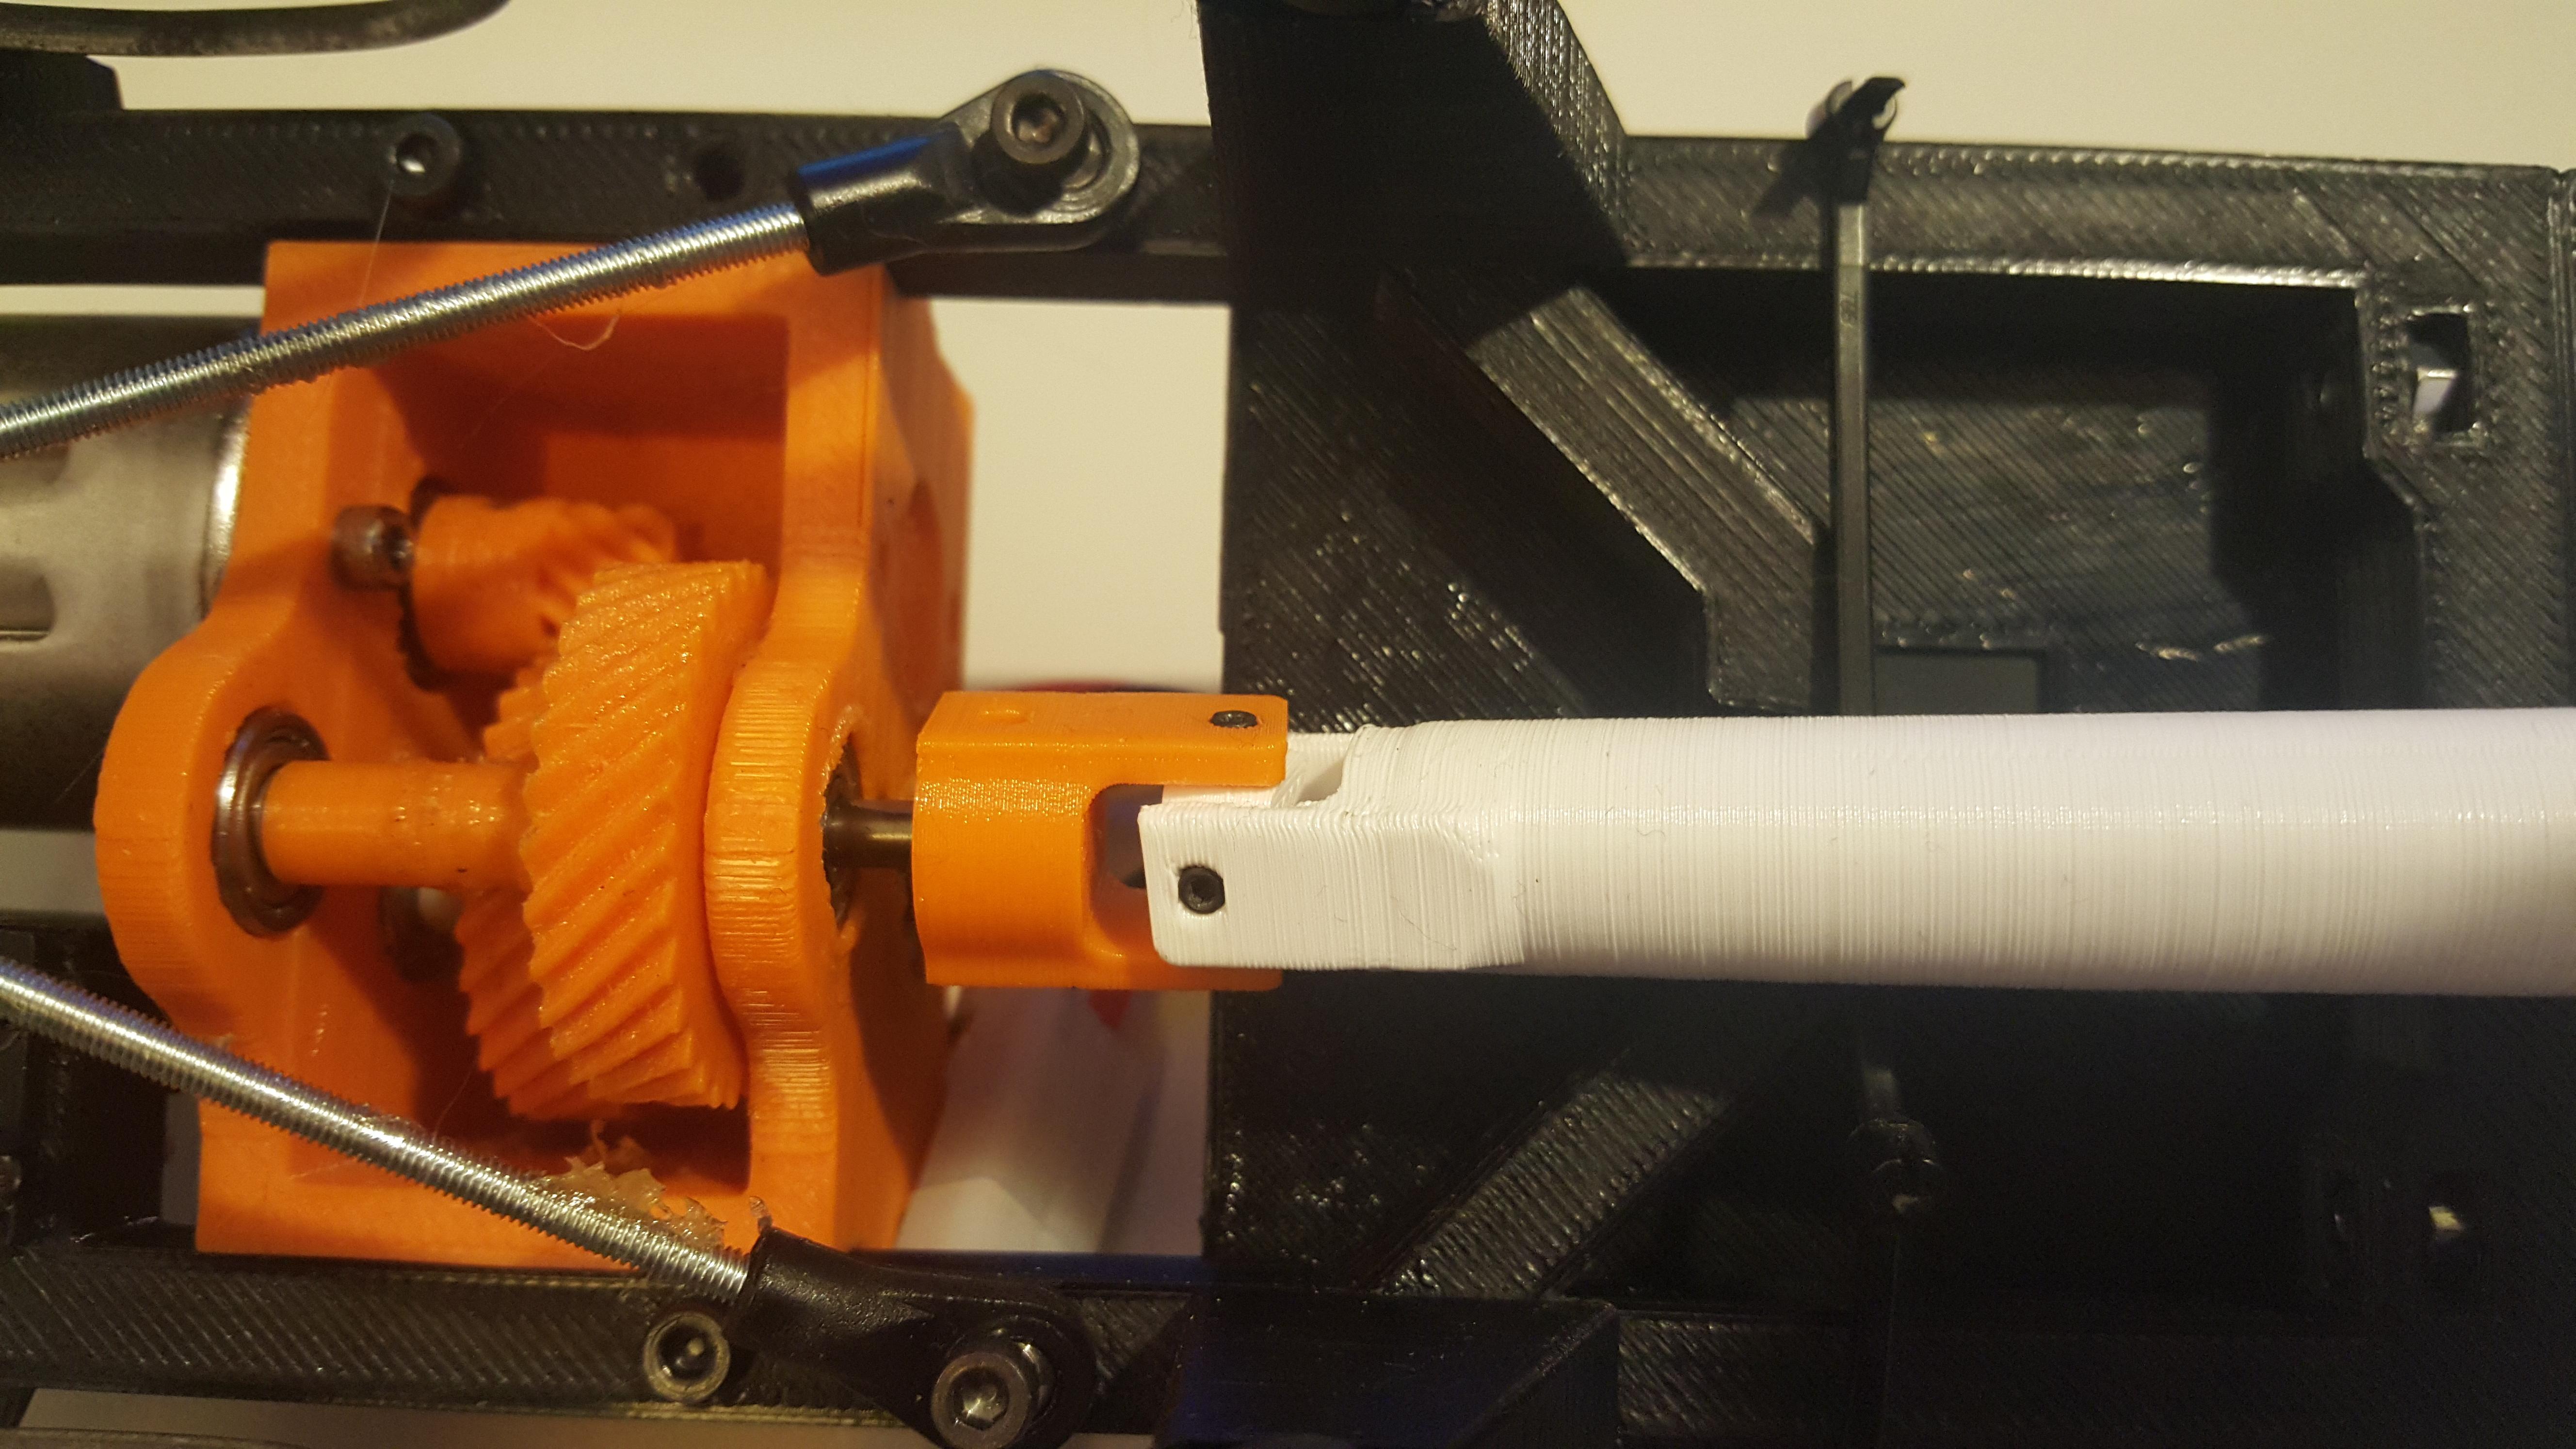 20160305_153202.jpg Télécharger fichier STL gratuit Camion imprimé : Arbre de transmission • Plan imprimable en 3D, MrCrankyface